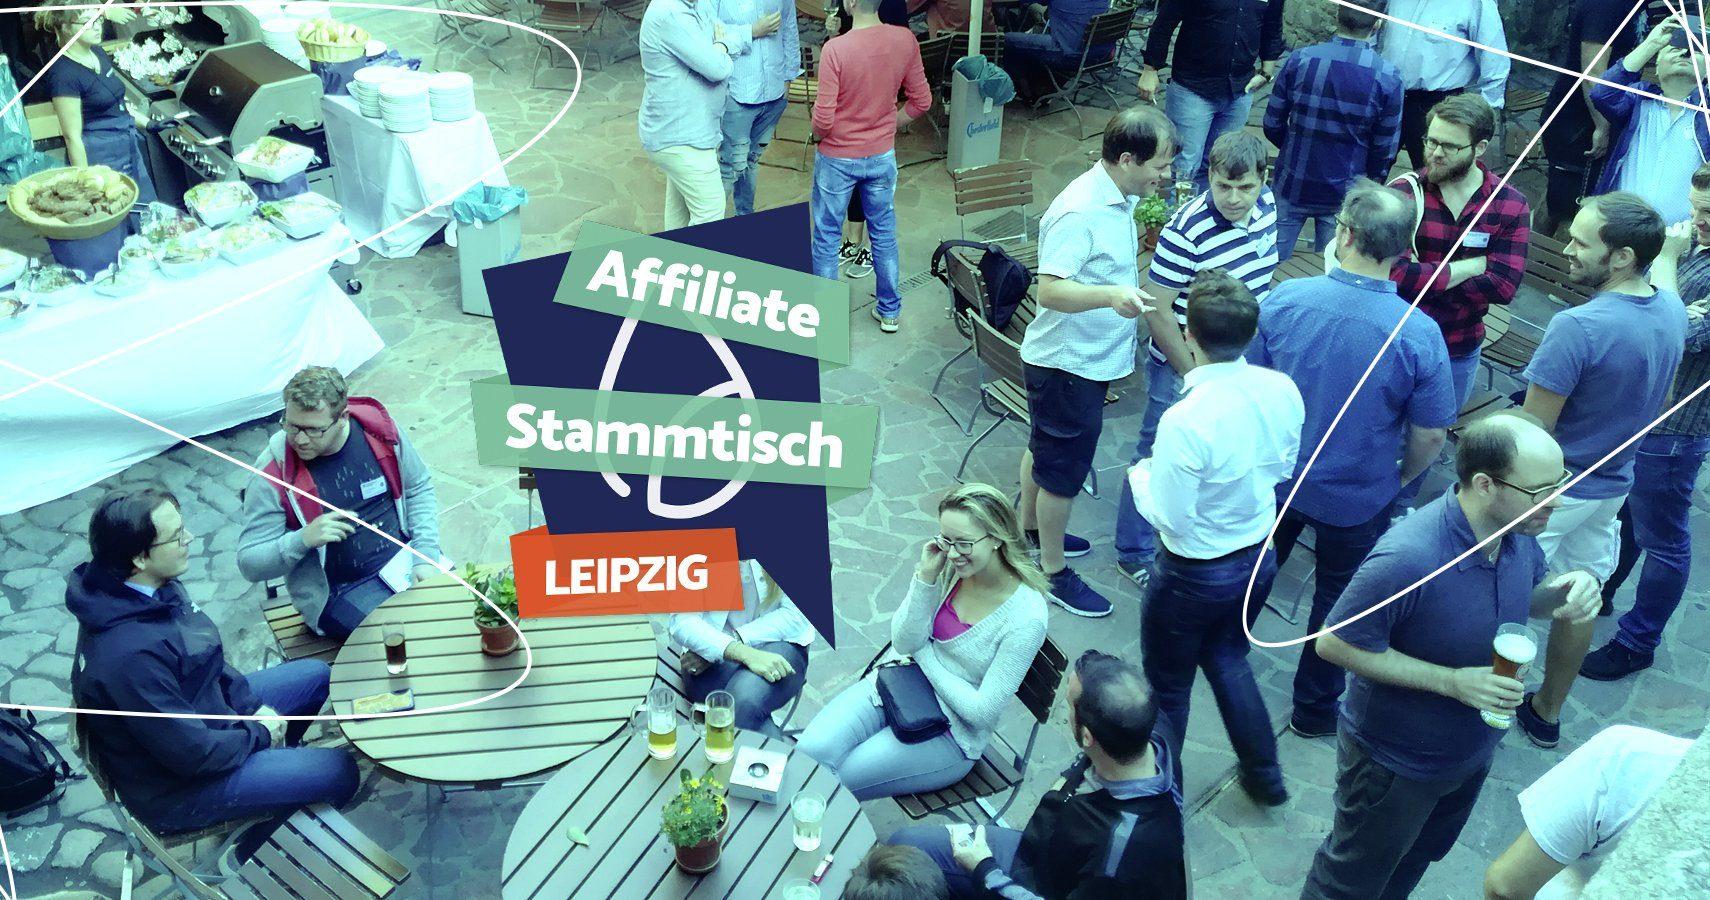 Recap Affiliate Stammtisch Leipzig 2018